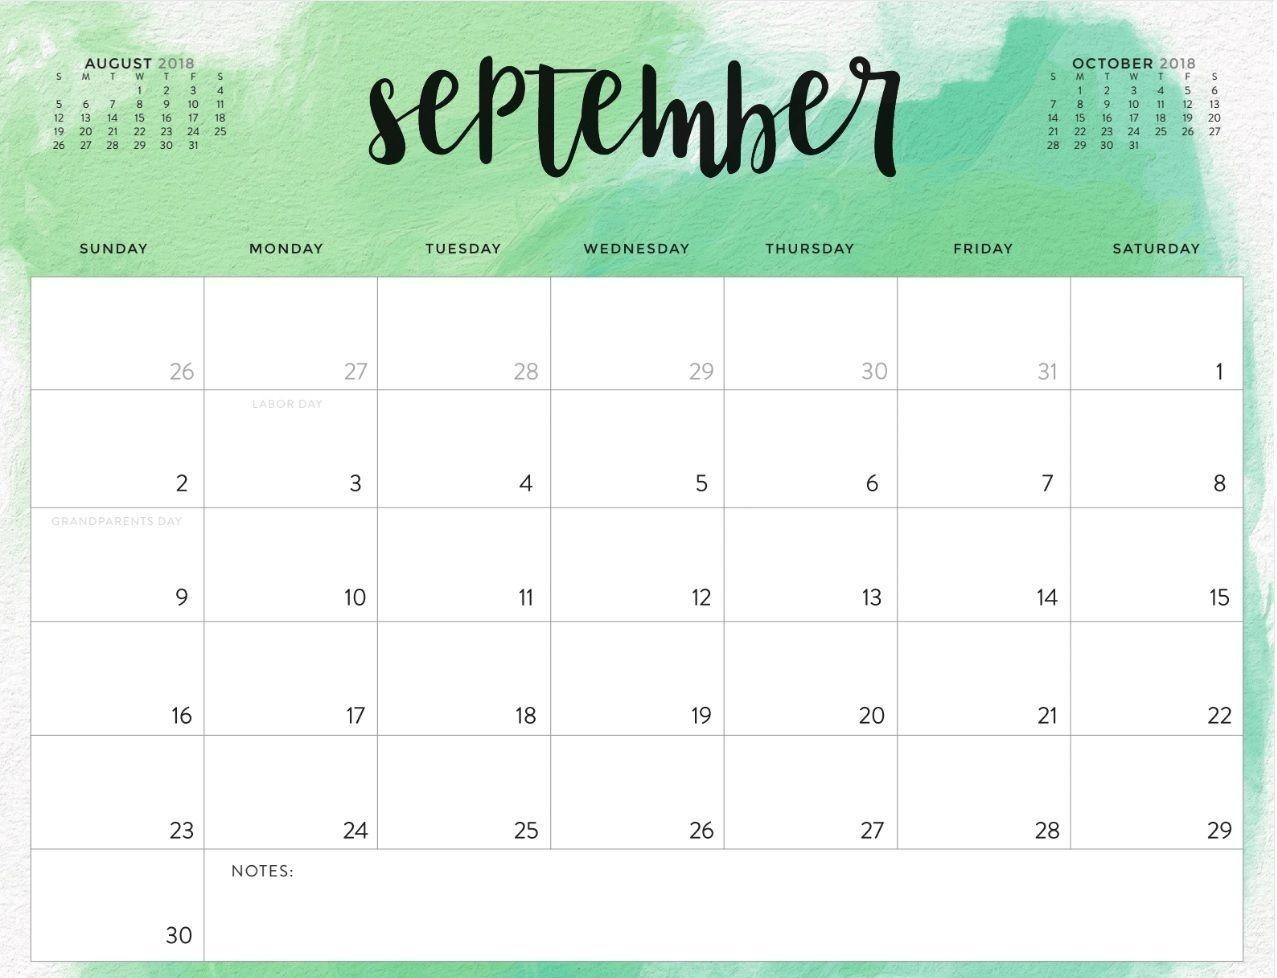 Free Printable Calendar Waterproof in 2020 | September calendar